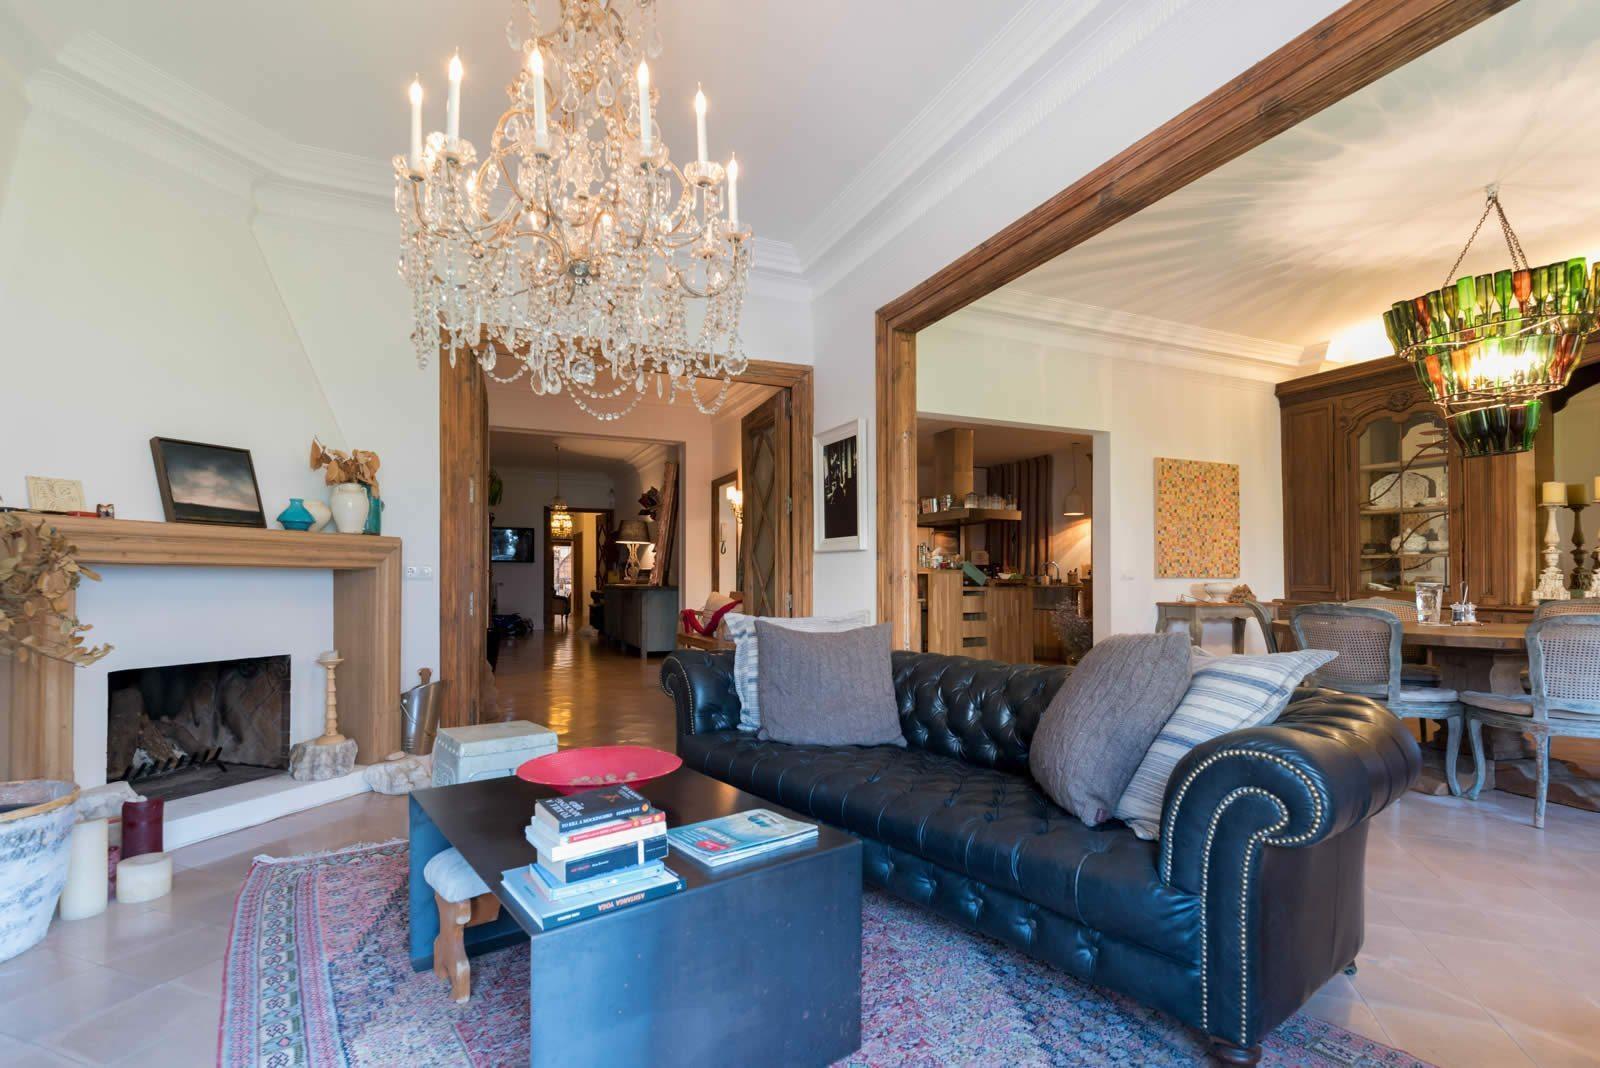 Appartement au charme ancien vendre face au parc turo barcelone - Appartements a vendre a barcelone ...